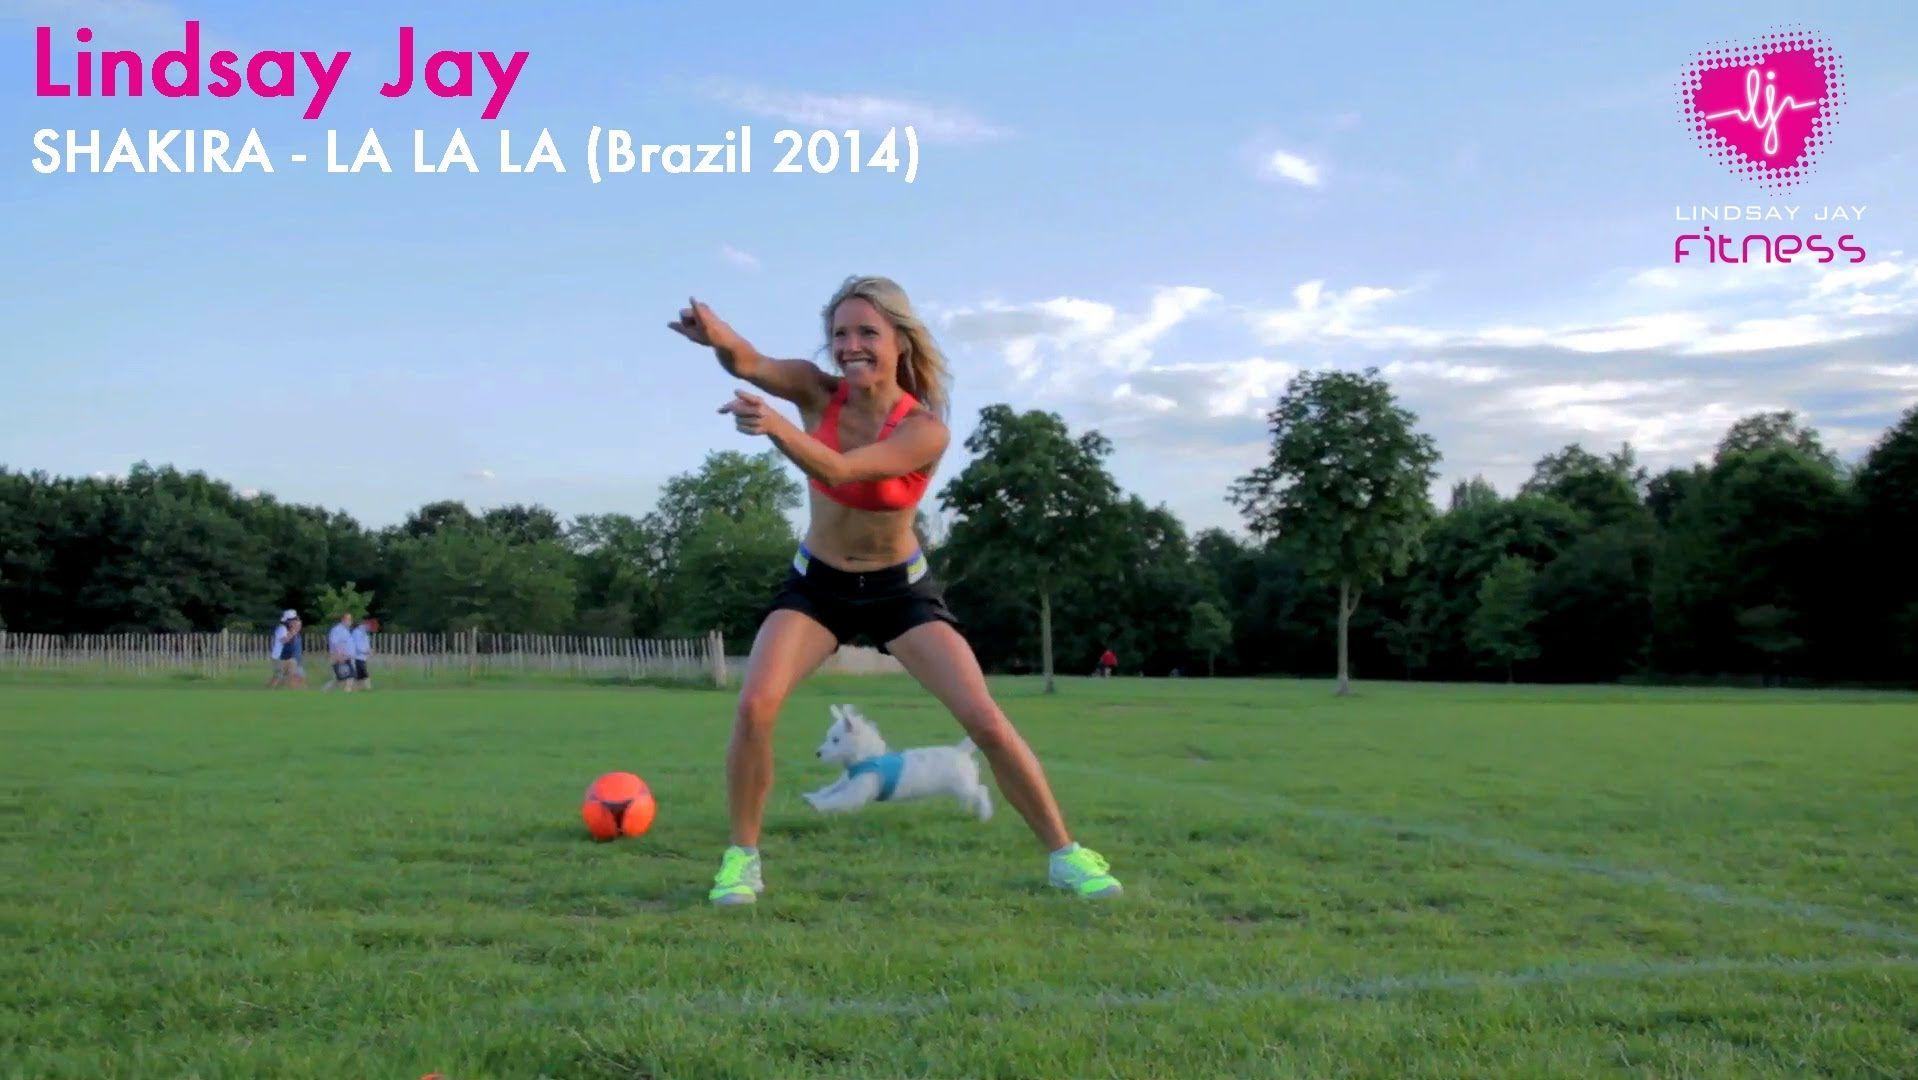 Zumba Shakira S World Cup 2014 Song La La La My Little Pup Zumba Workout Zumba Videos Zumba